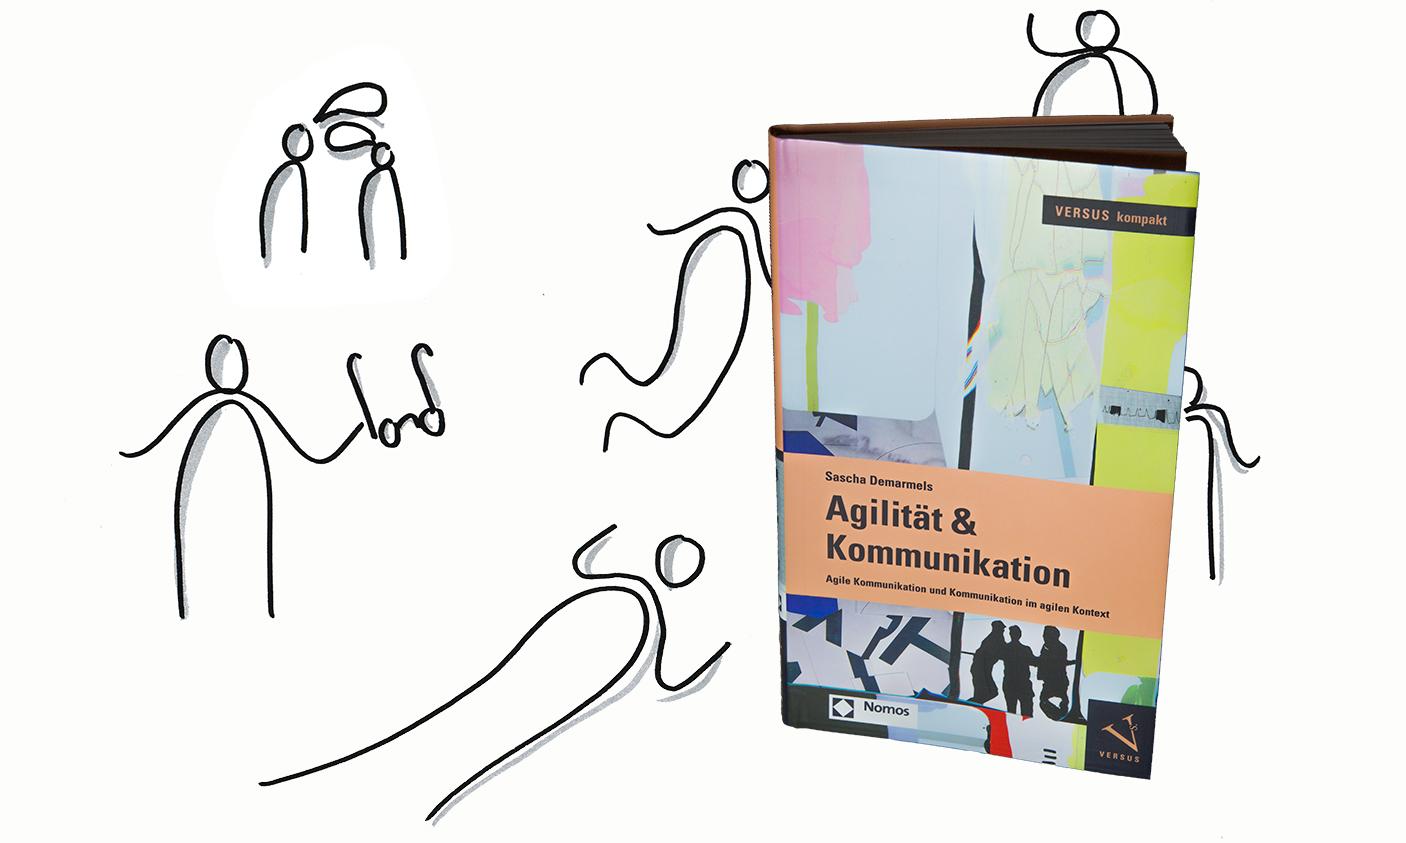 Buch von Sascha Demarmels zu Agilität und Kommunikation (Buchcover und Figuen, die das Buch lesen)